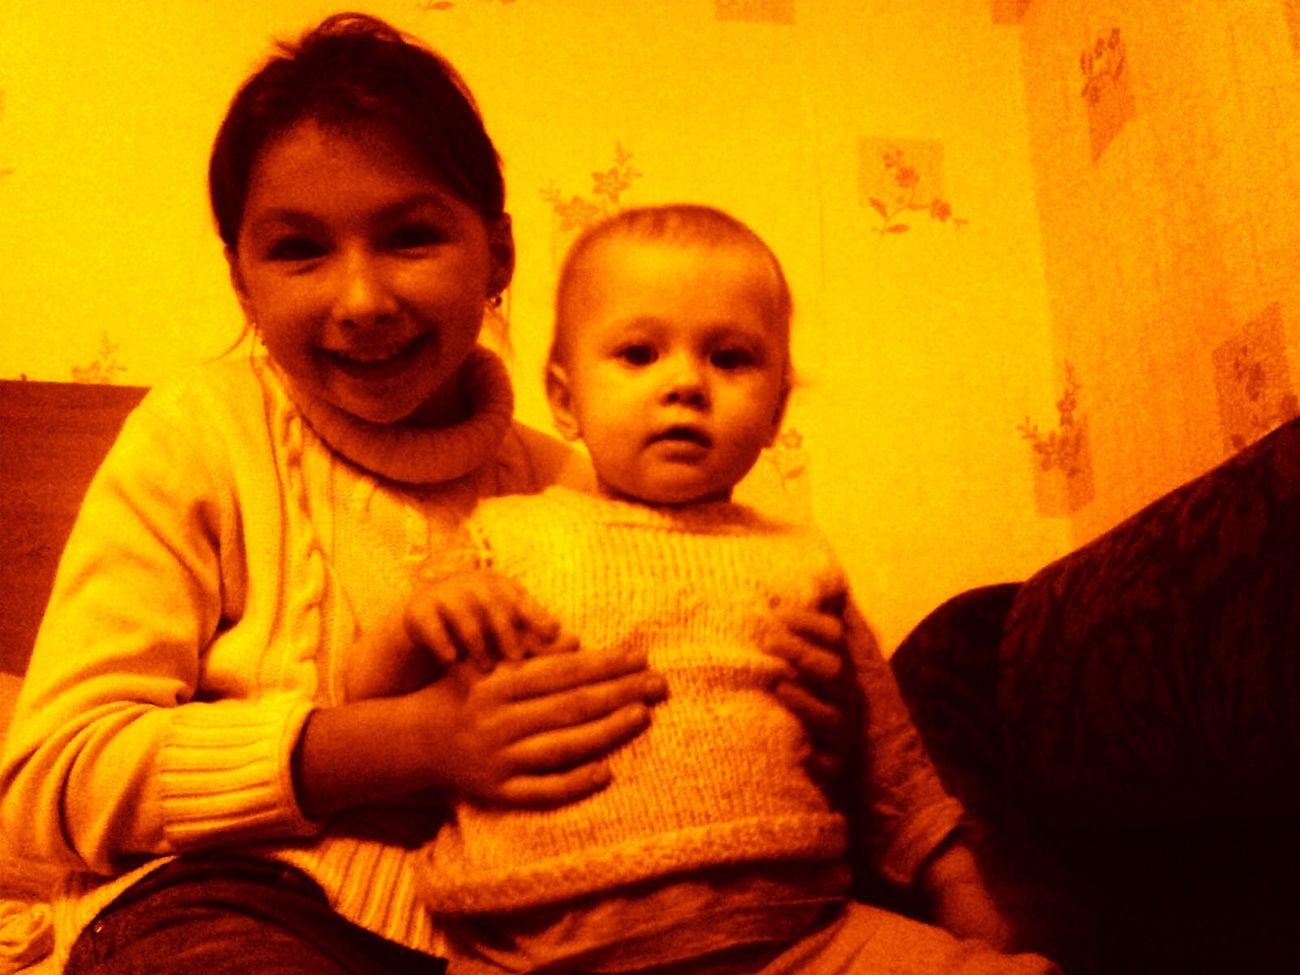 Привет! Меня зовут Полина, мне 10 лет. Я живу в Москве. У меня есть племянница, я её очень люблю и мне нравится с ней фотографироваться. Ещё есть сестра Настя, ей 26 лет. First Eyeem Photo